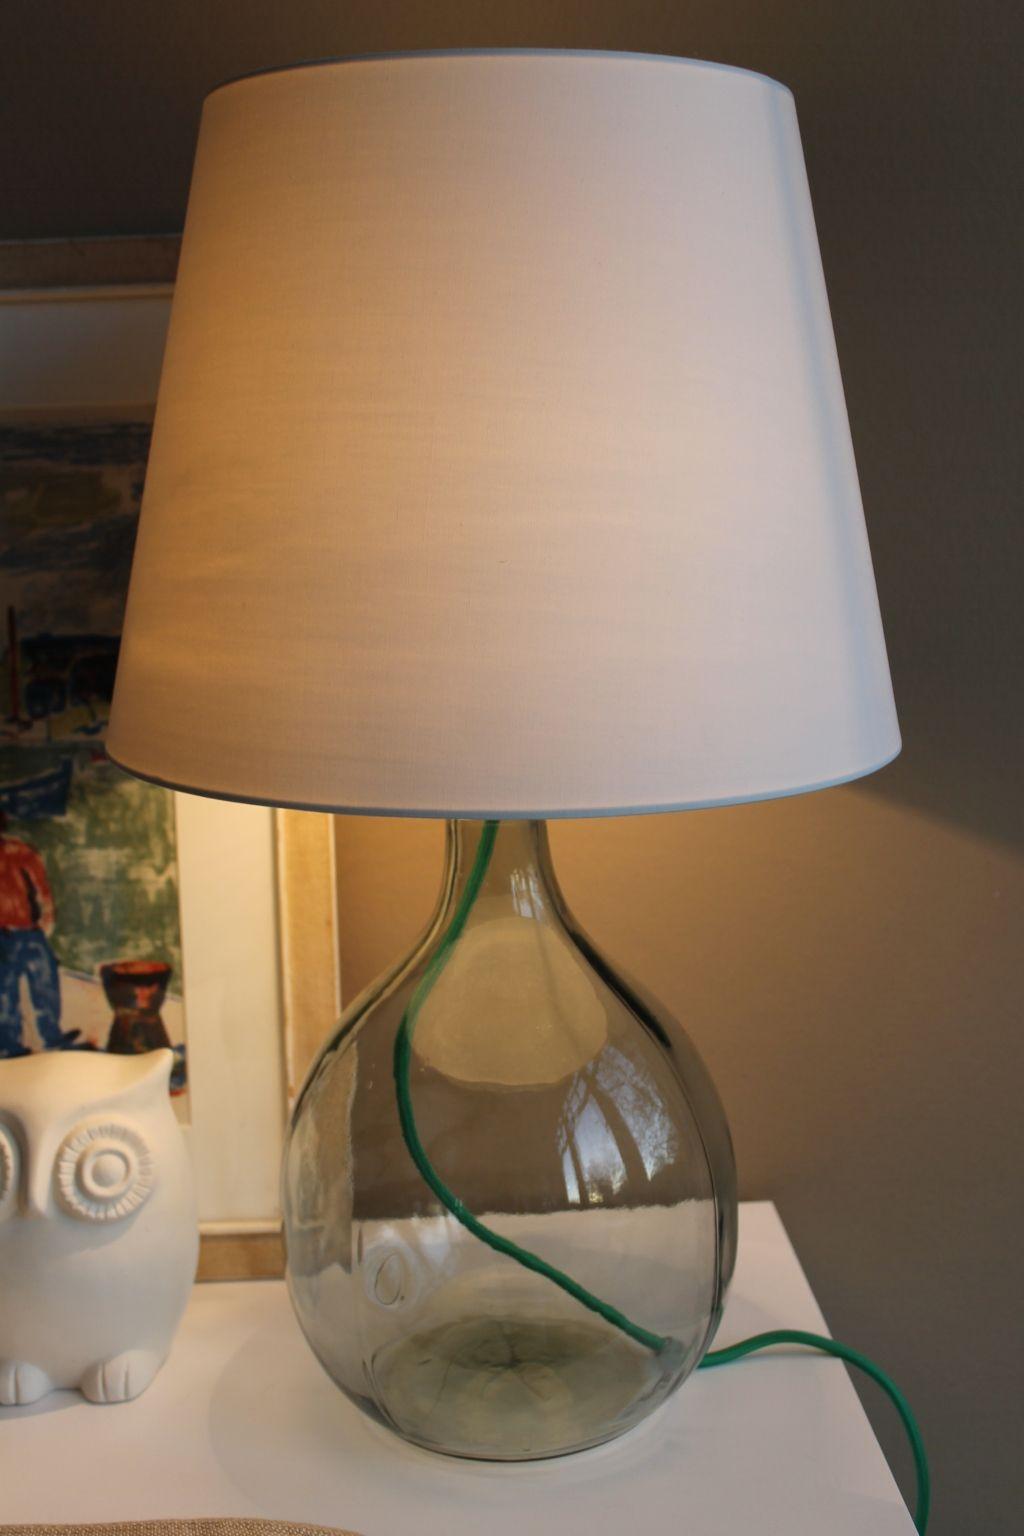 leuchte mit glasfu selber machen illumination pinterest selber machen. Black Bedroom Furniture Sets. Home Design Ideas